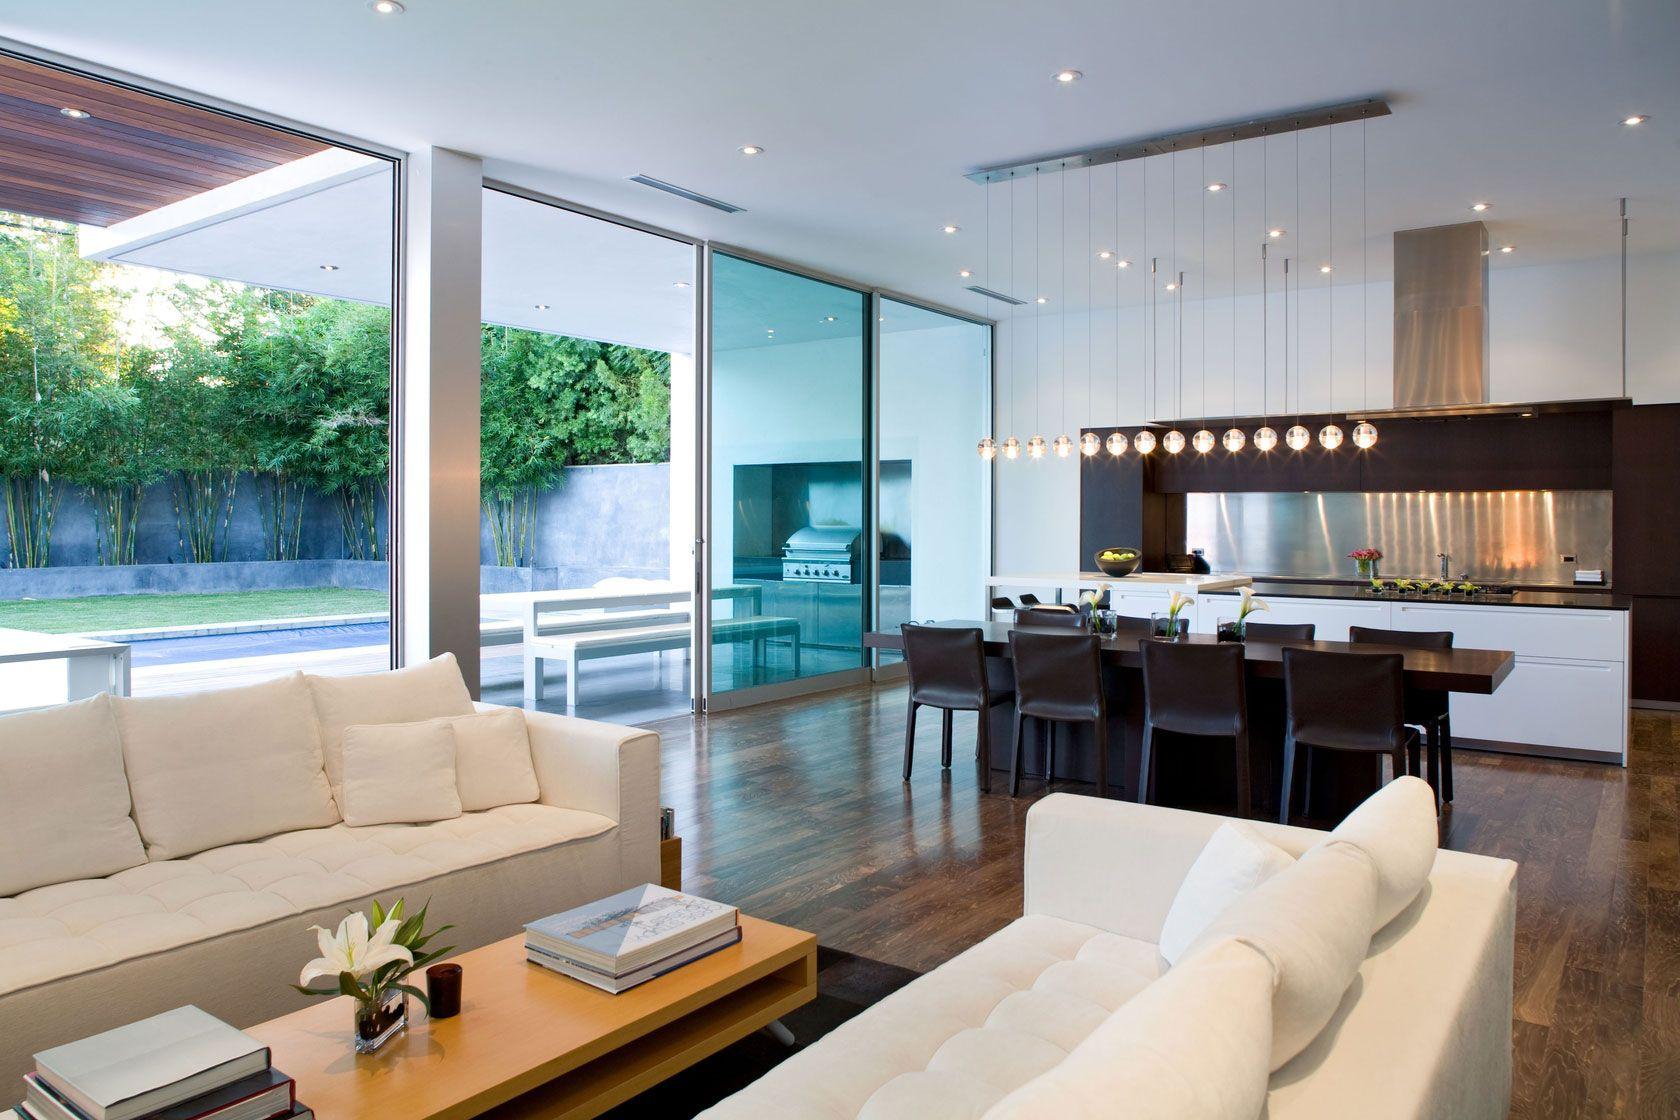 Dise o de moderna casa de dos pisos construida en 220 for Interior design moderno